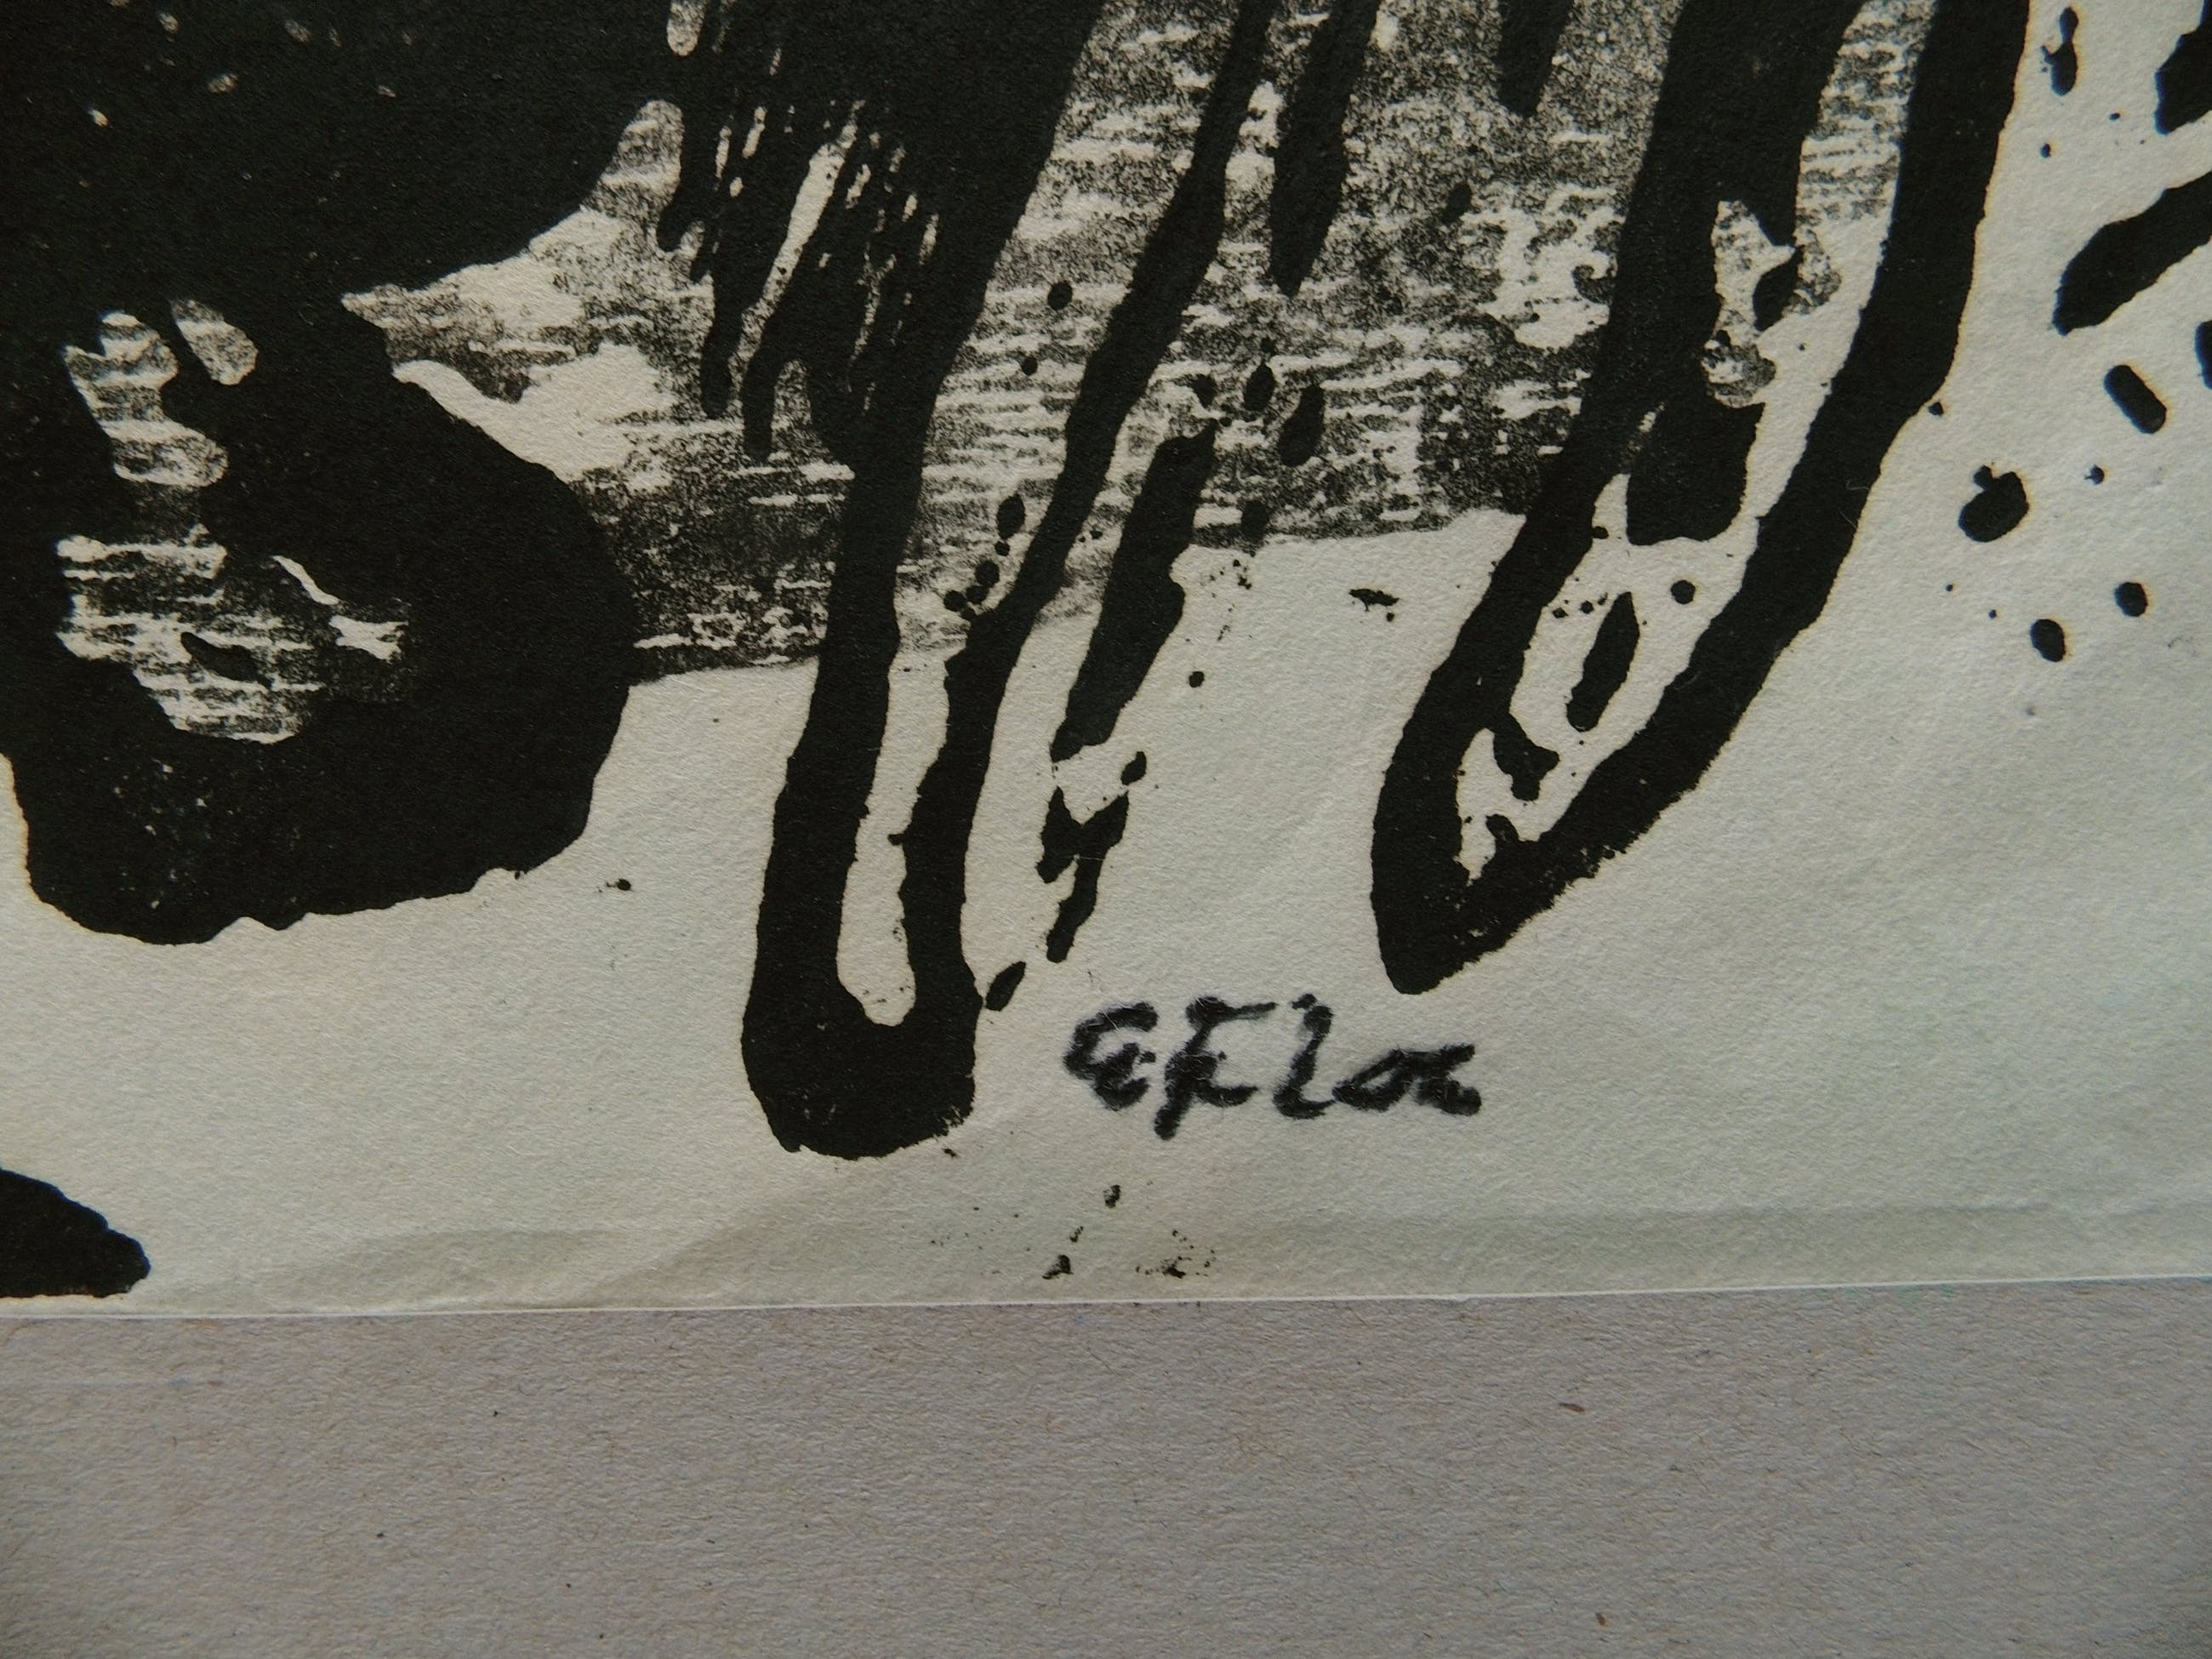 Eduard Flor - hout-linosnede , Abstract kopen? Bied vanaf 65!